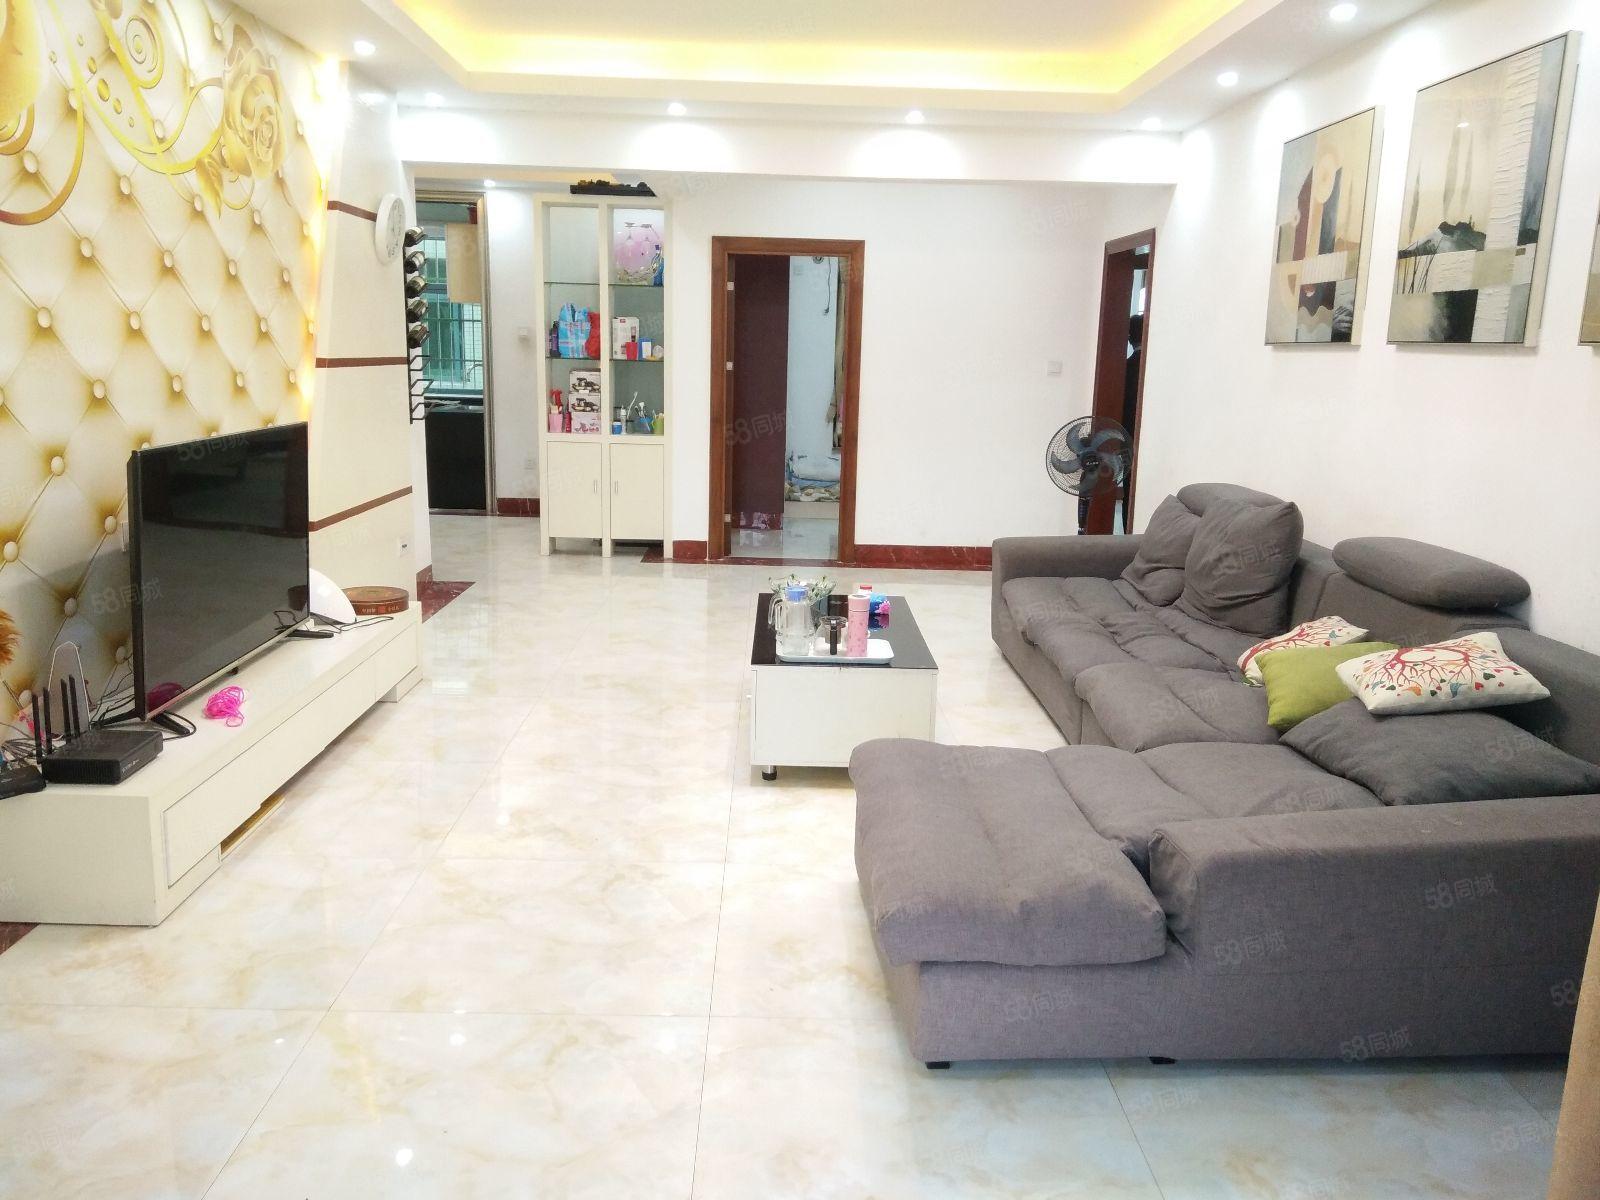 中南名苑108万4室2厅精装修出售,房主急售。